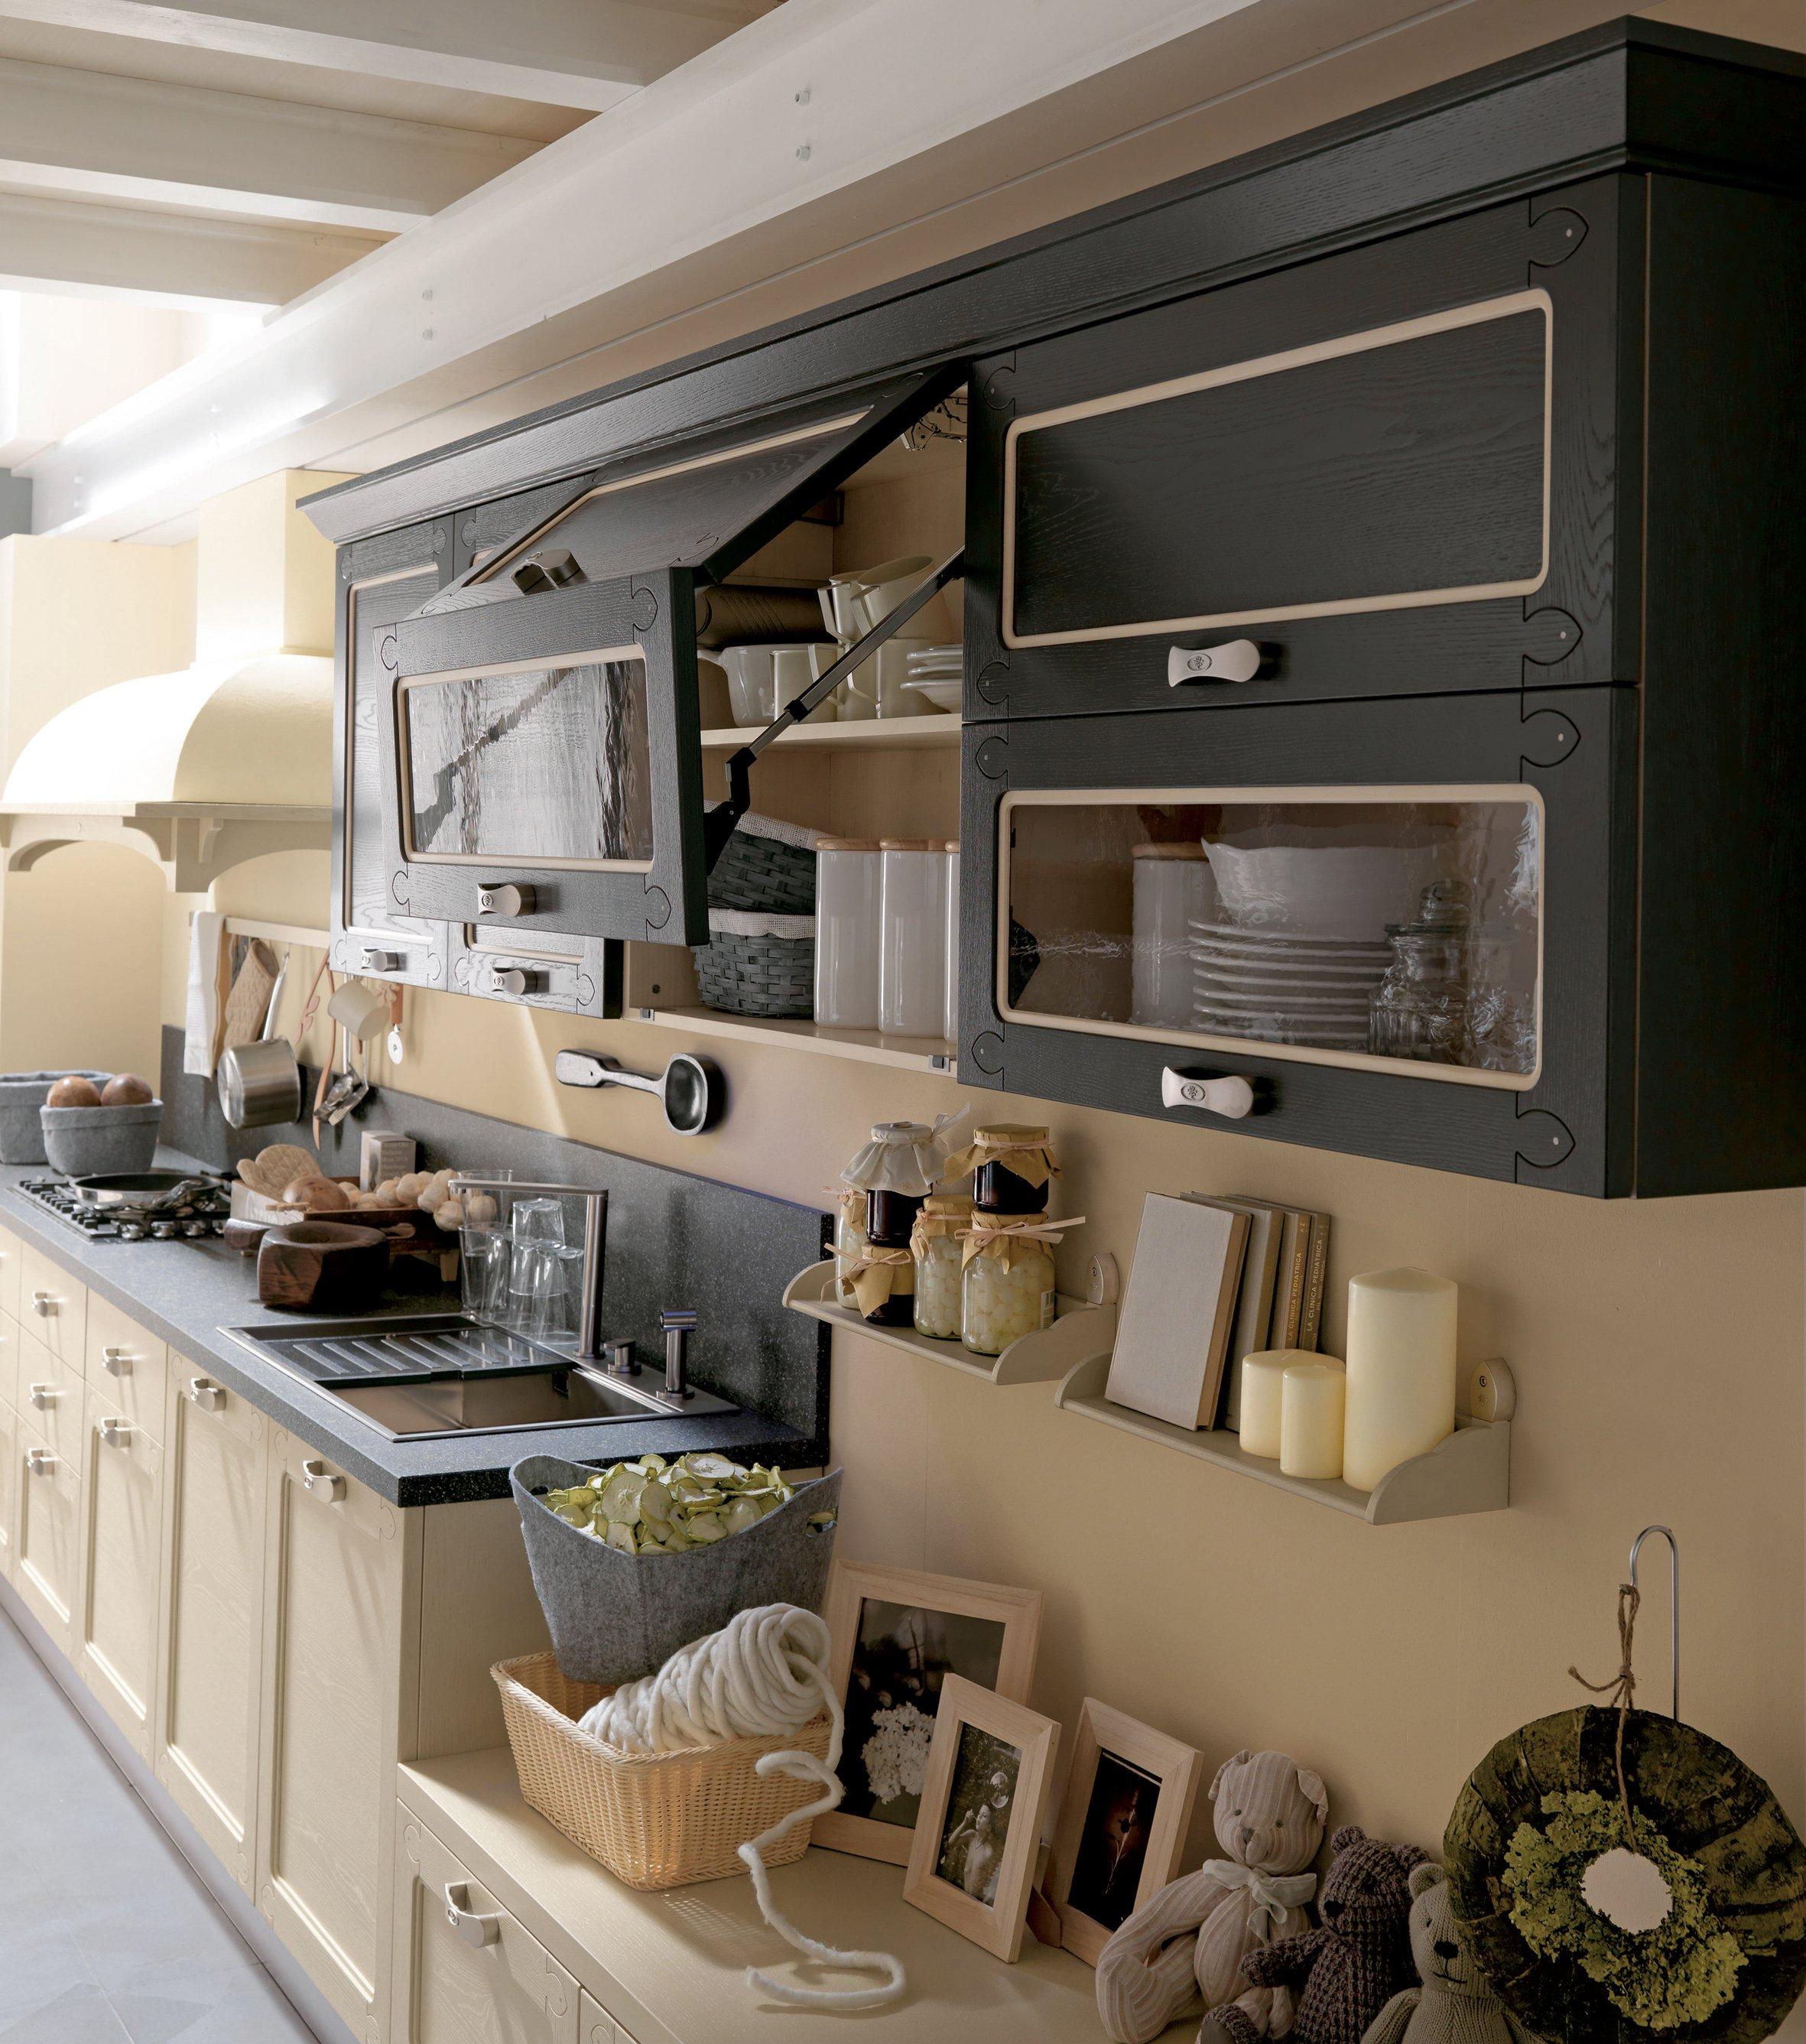 Pensili Per Cucina Prezzi cucine: vani a vista coi pensili in vetro - cose di casa